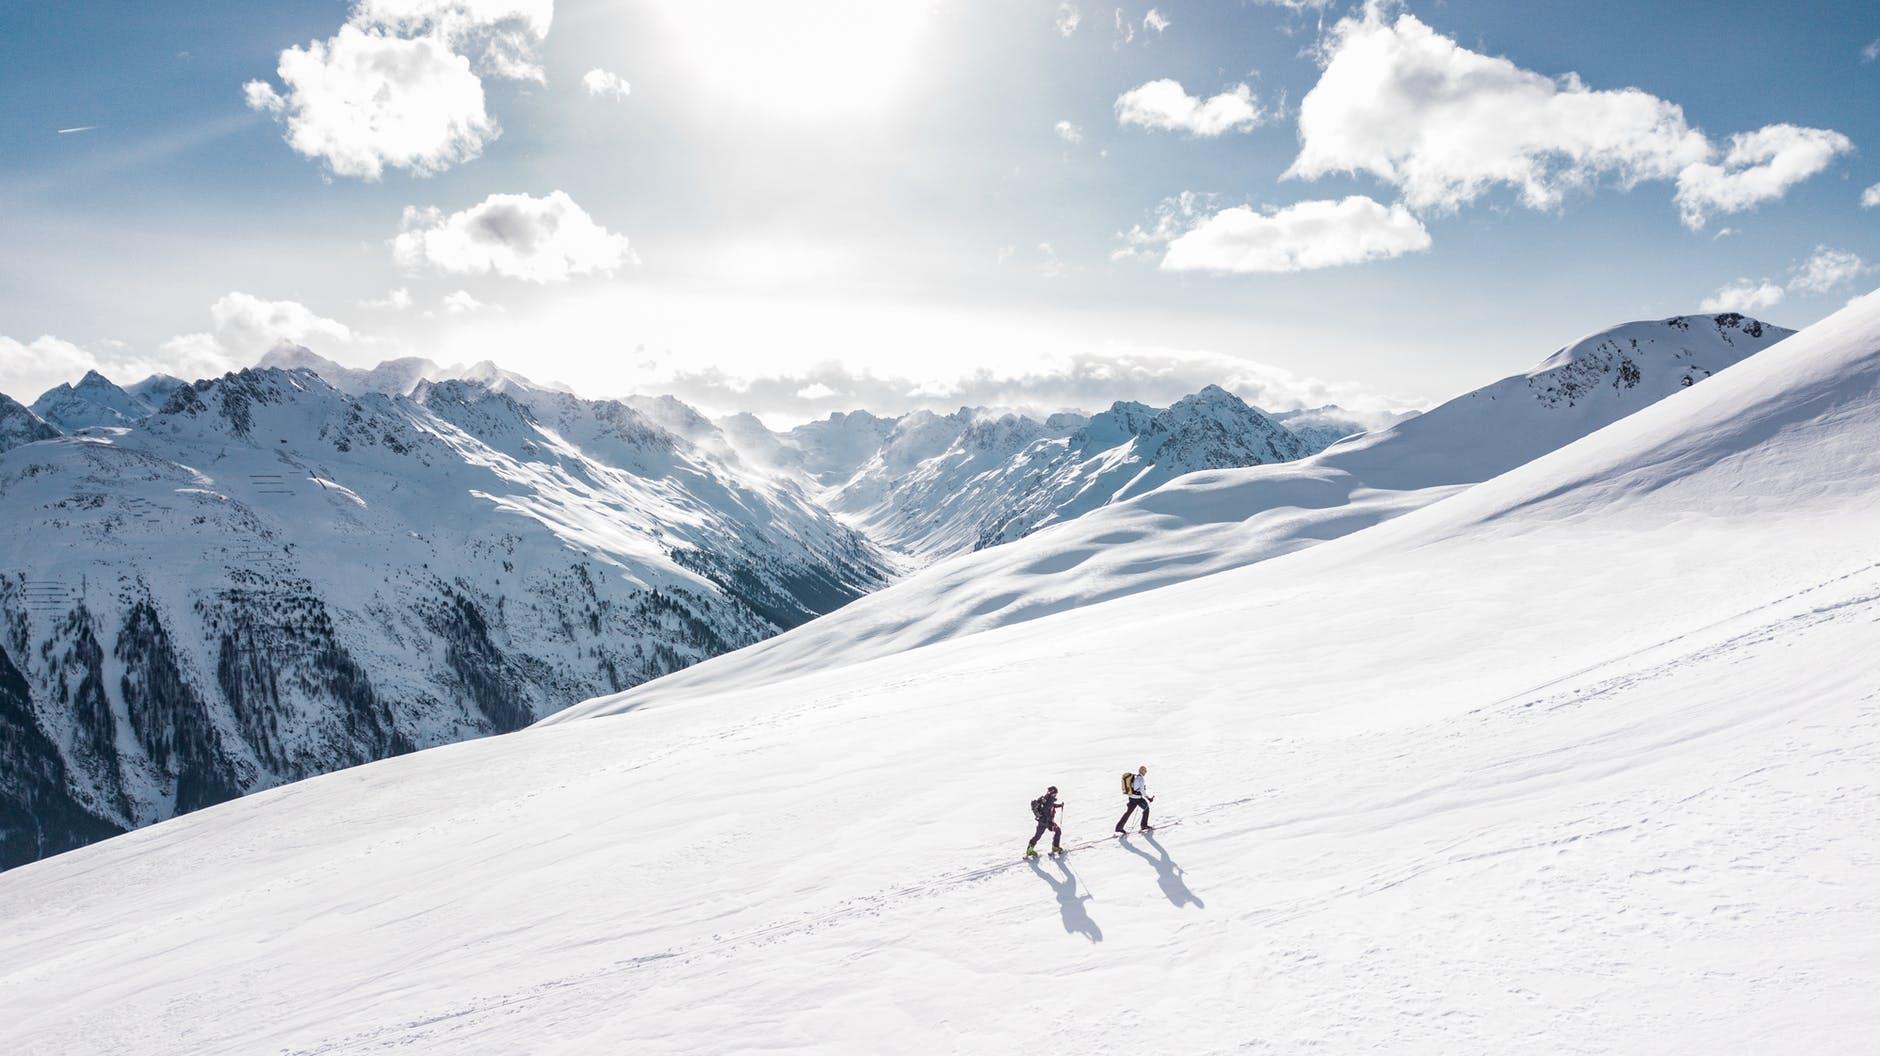 two man hiking on snow mountain